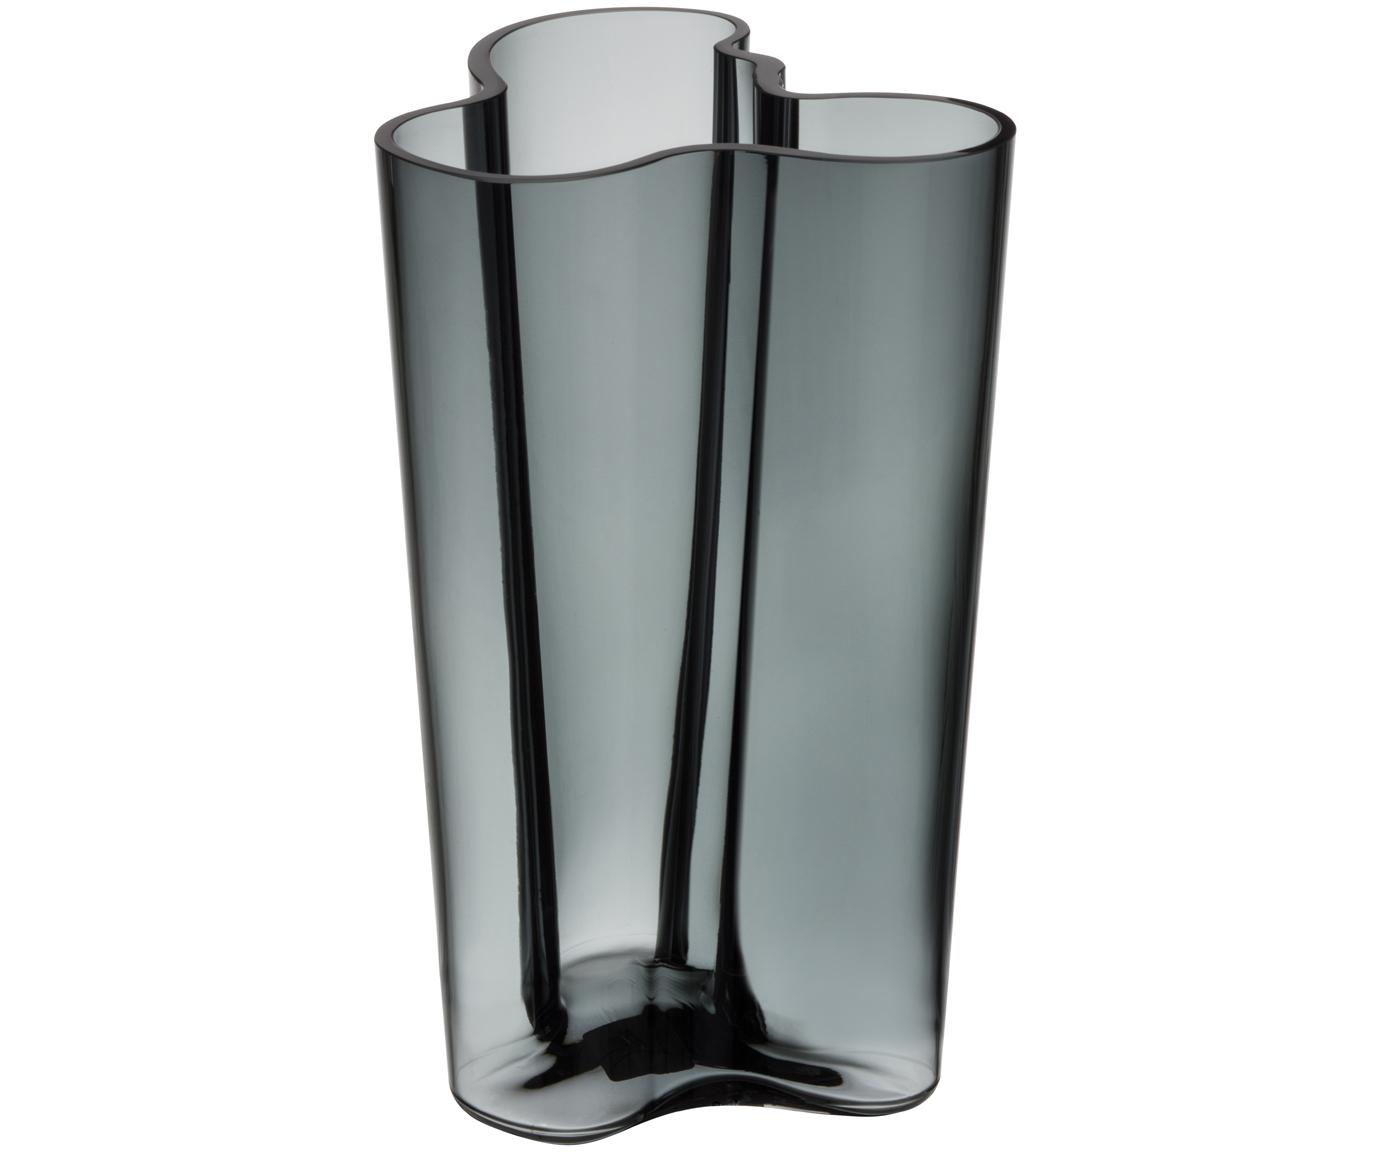 Vaso di design Alvar Aalto, Vetro, Grigio scuro, Larg. 17 x Alt. 25 cm